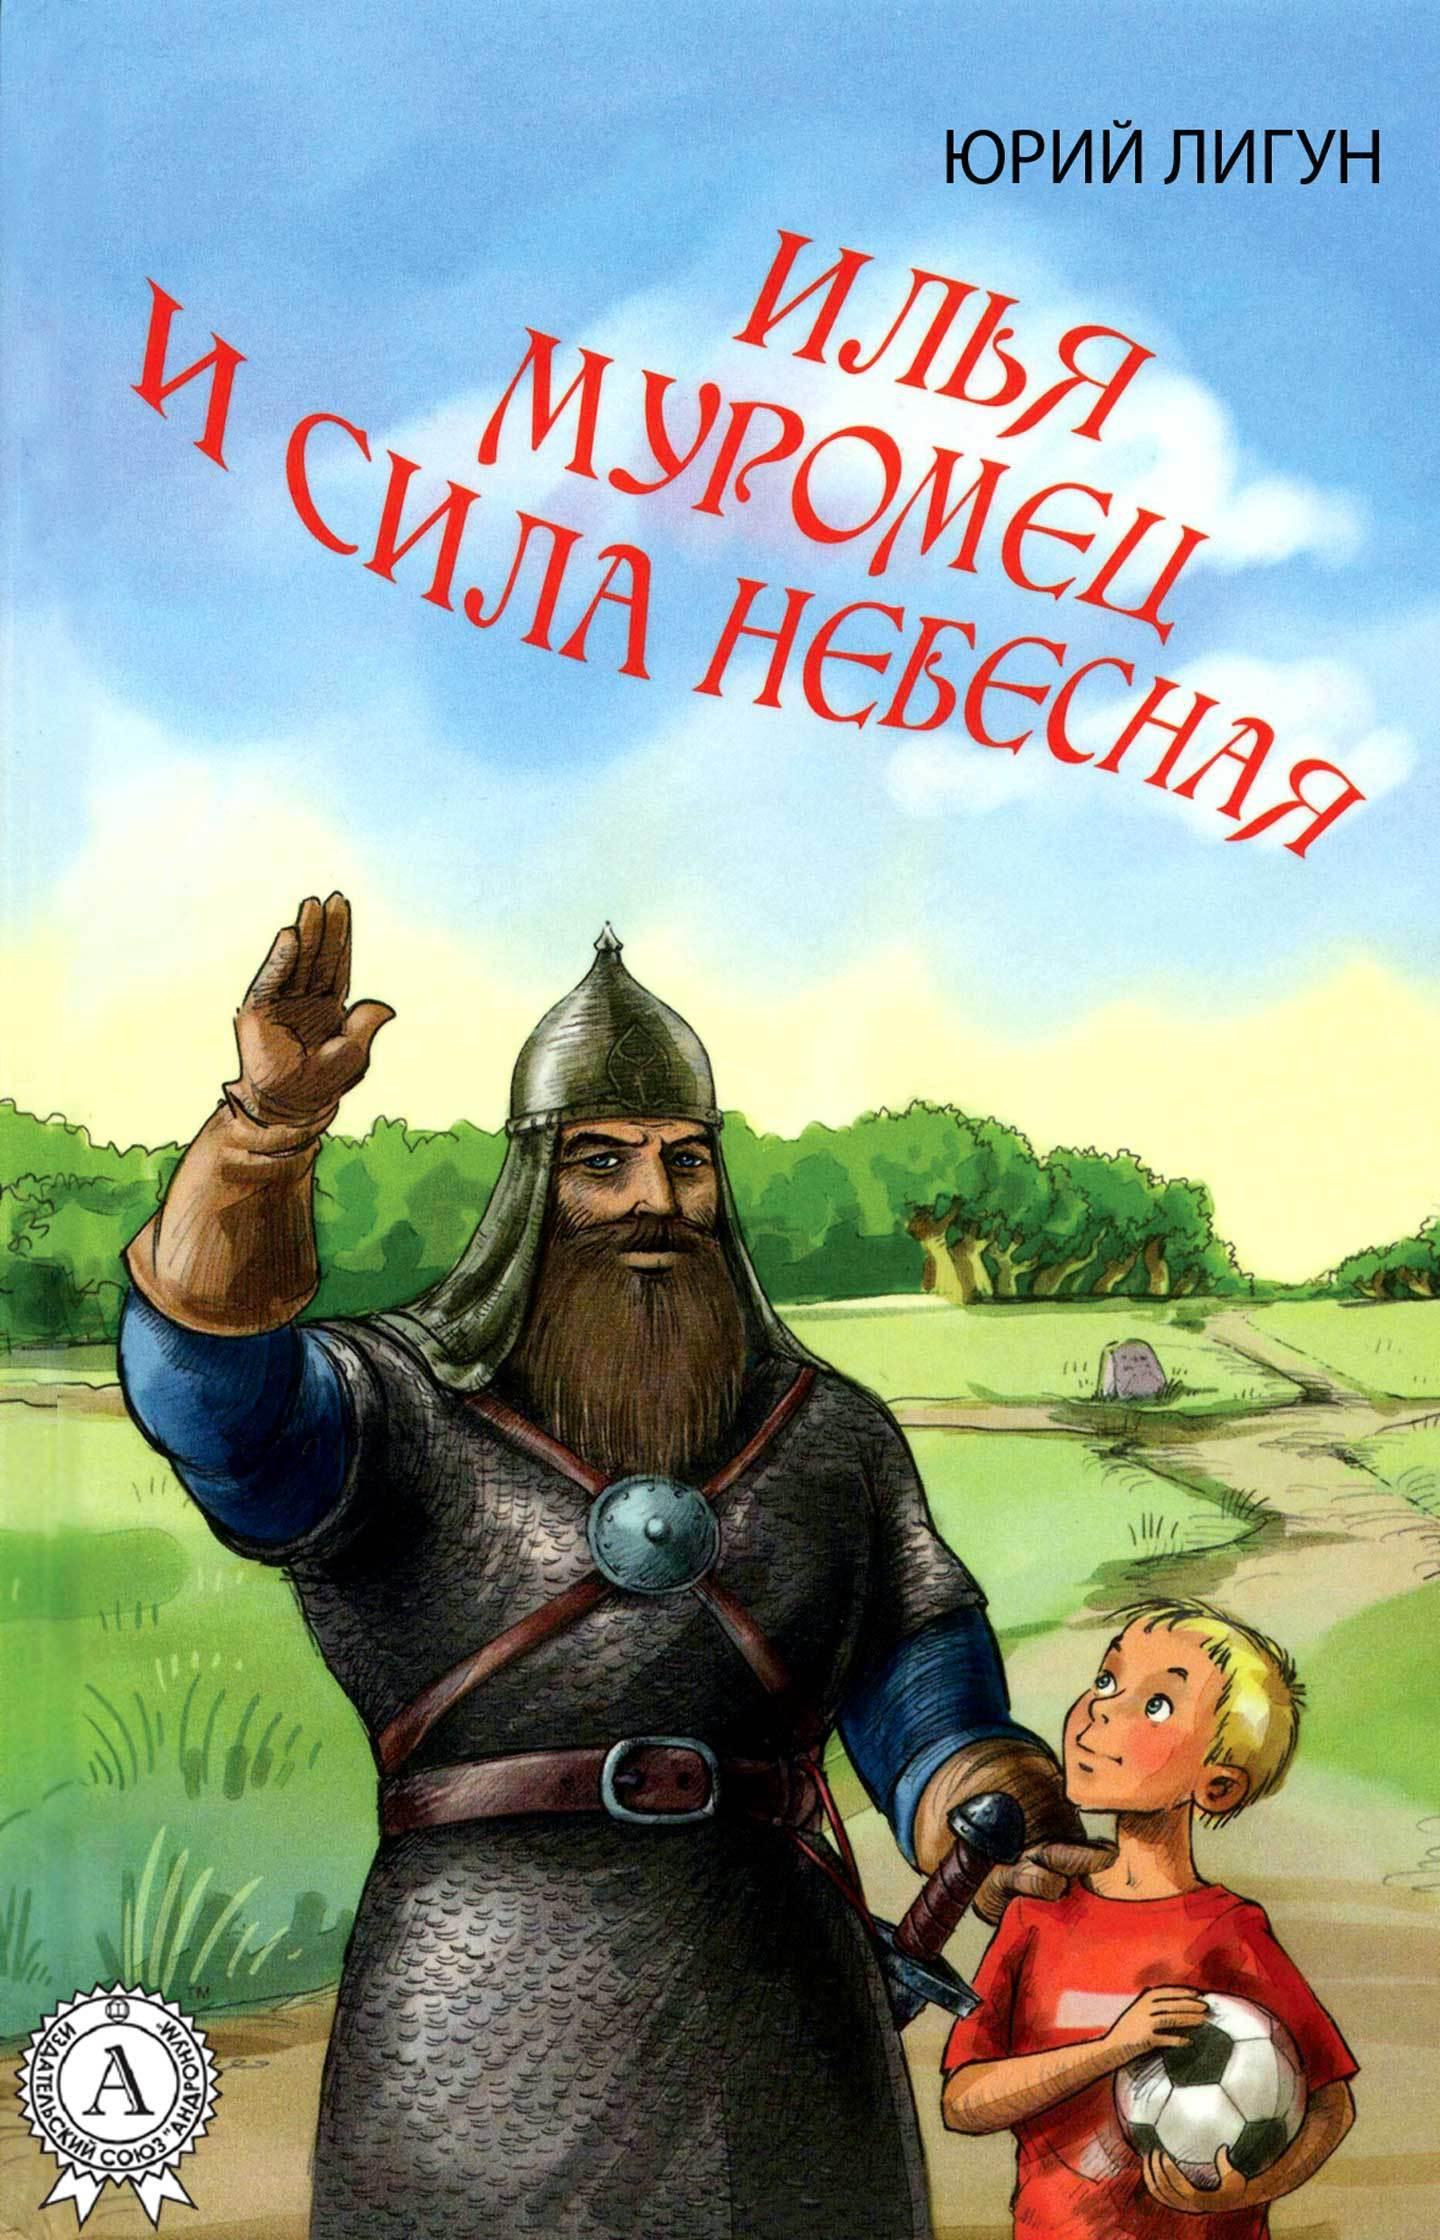 Юрий Лигун Илья Муромец и Сила небесная кошелева а ред илья муромец